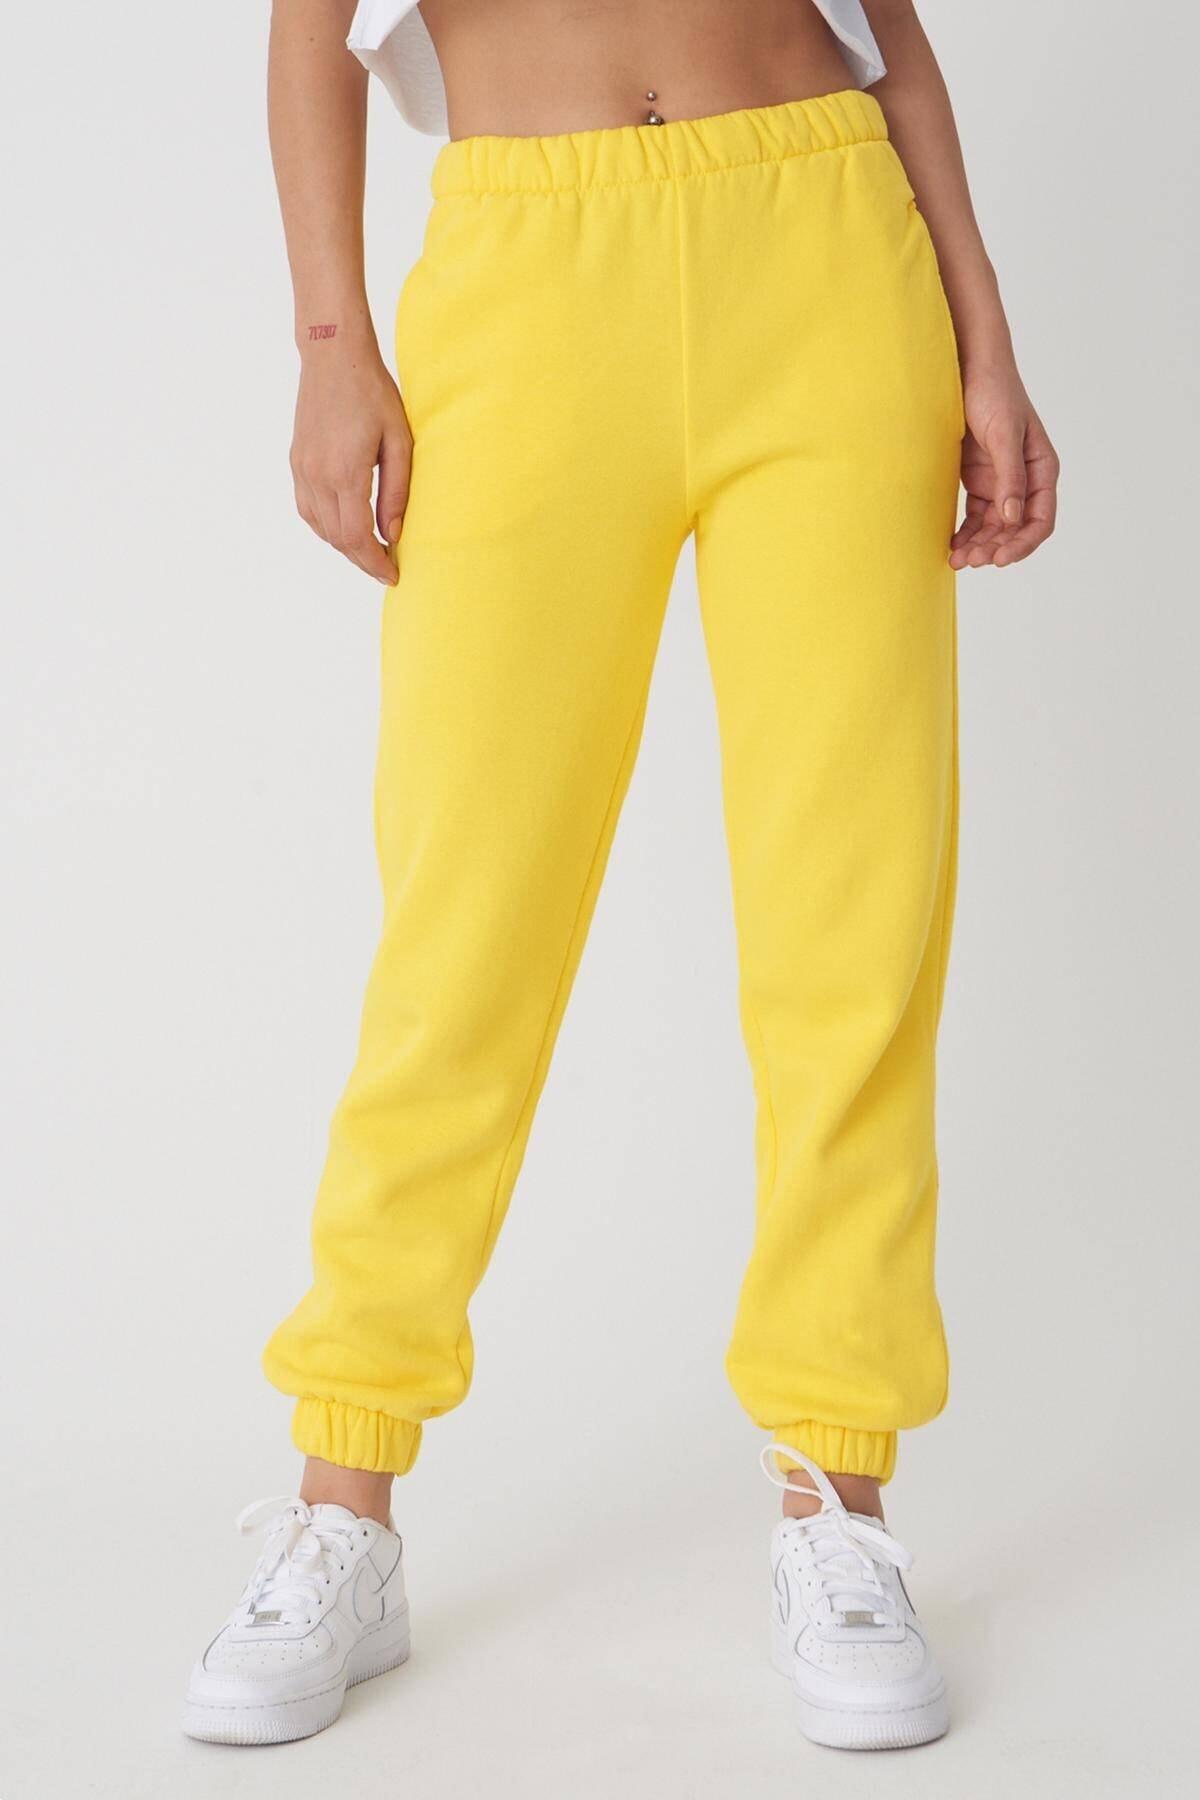 Addax Kadın Limon Sarı Paçası Lastikli Eşofman EŞF0657 - S1 ADX-0000018431 1